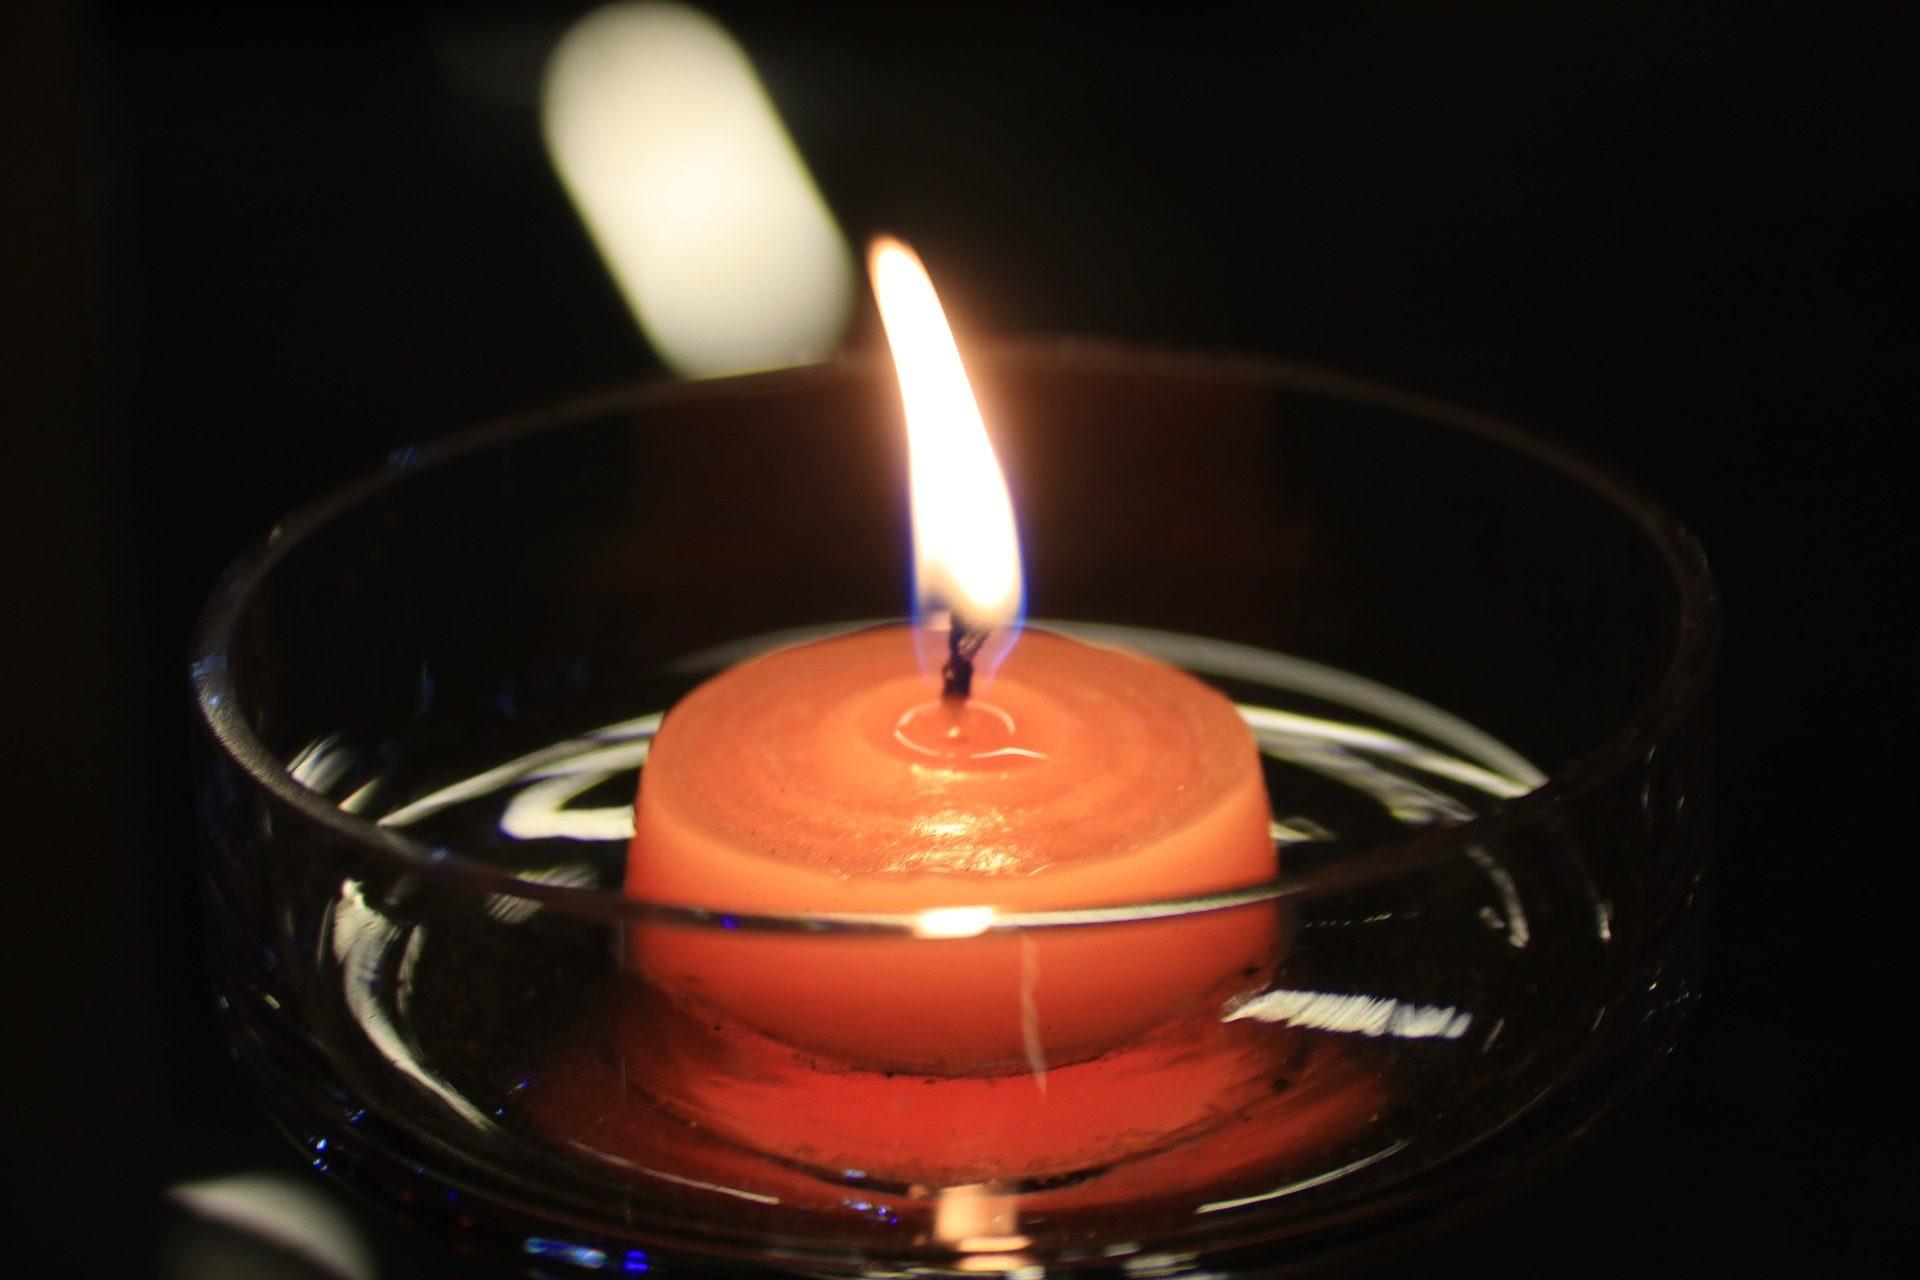 蜡烛, 蜡, 碗里, 玻璃, 火焰, 光 - 高清壁纸 - 教授-falken.com